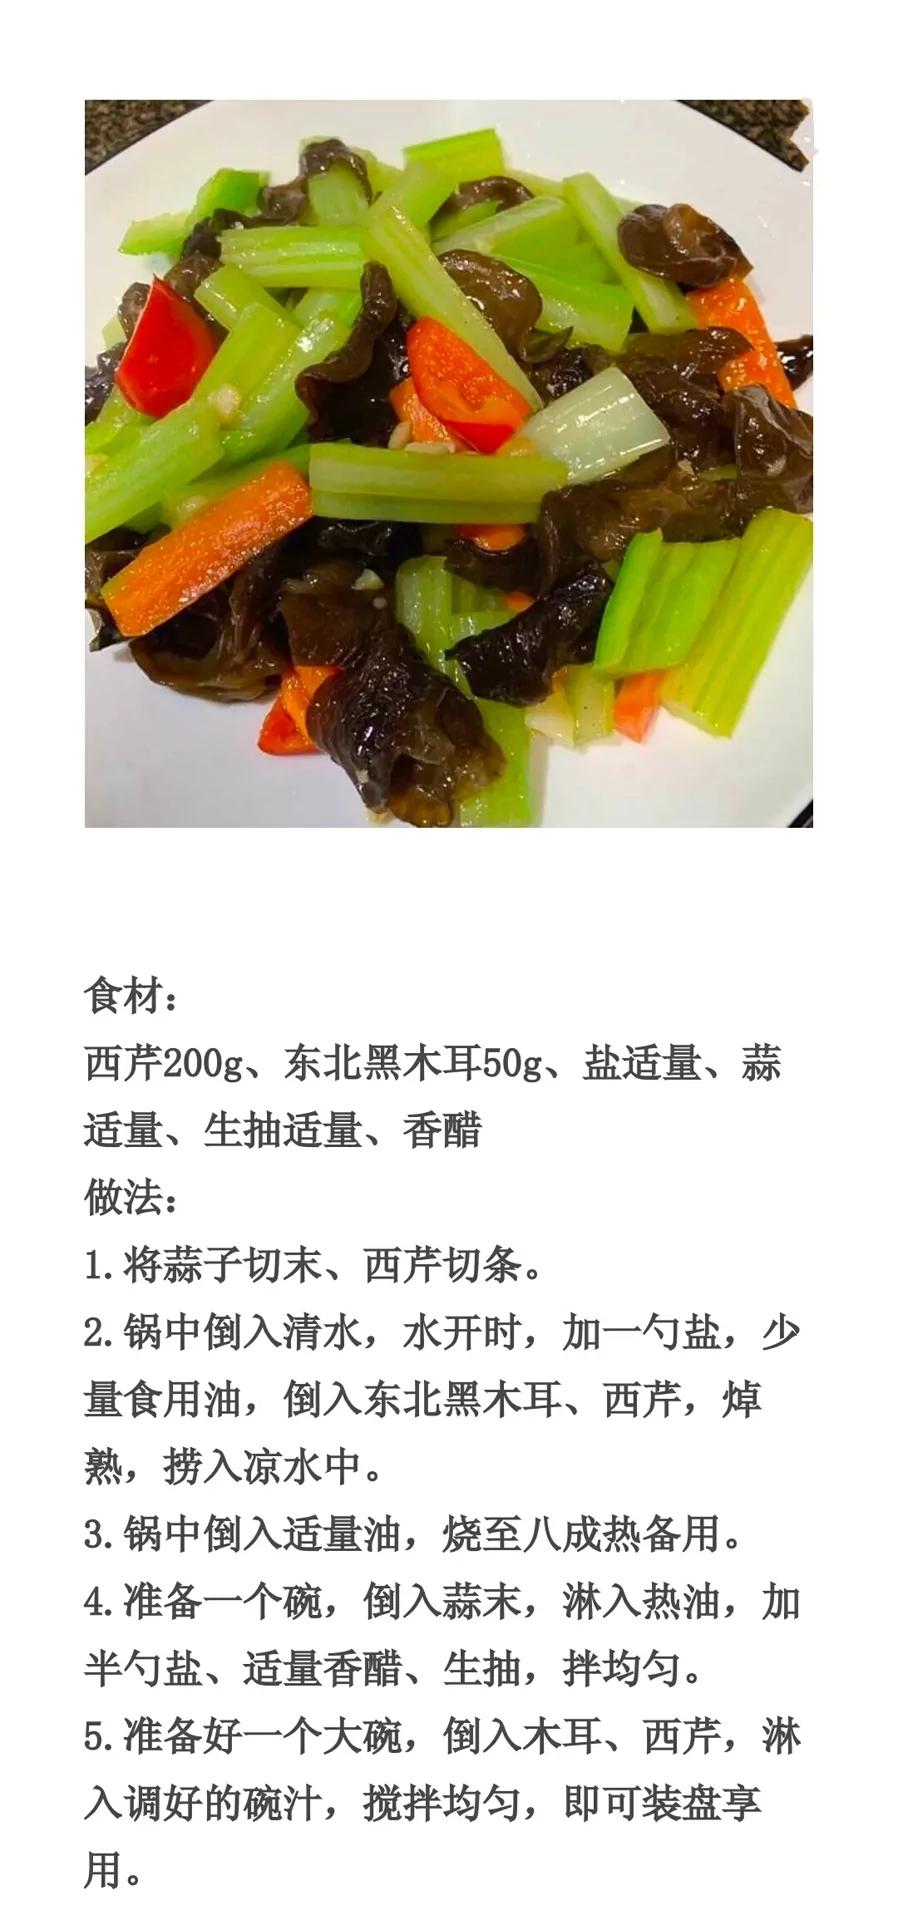 凉菜菜谱家常做法 美食做法 第10张